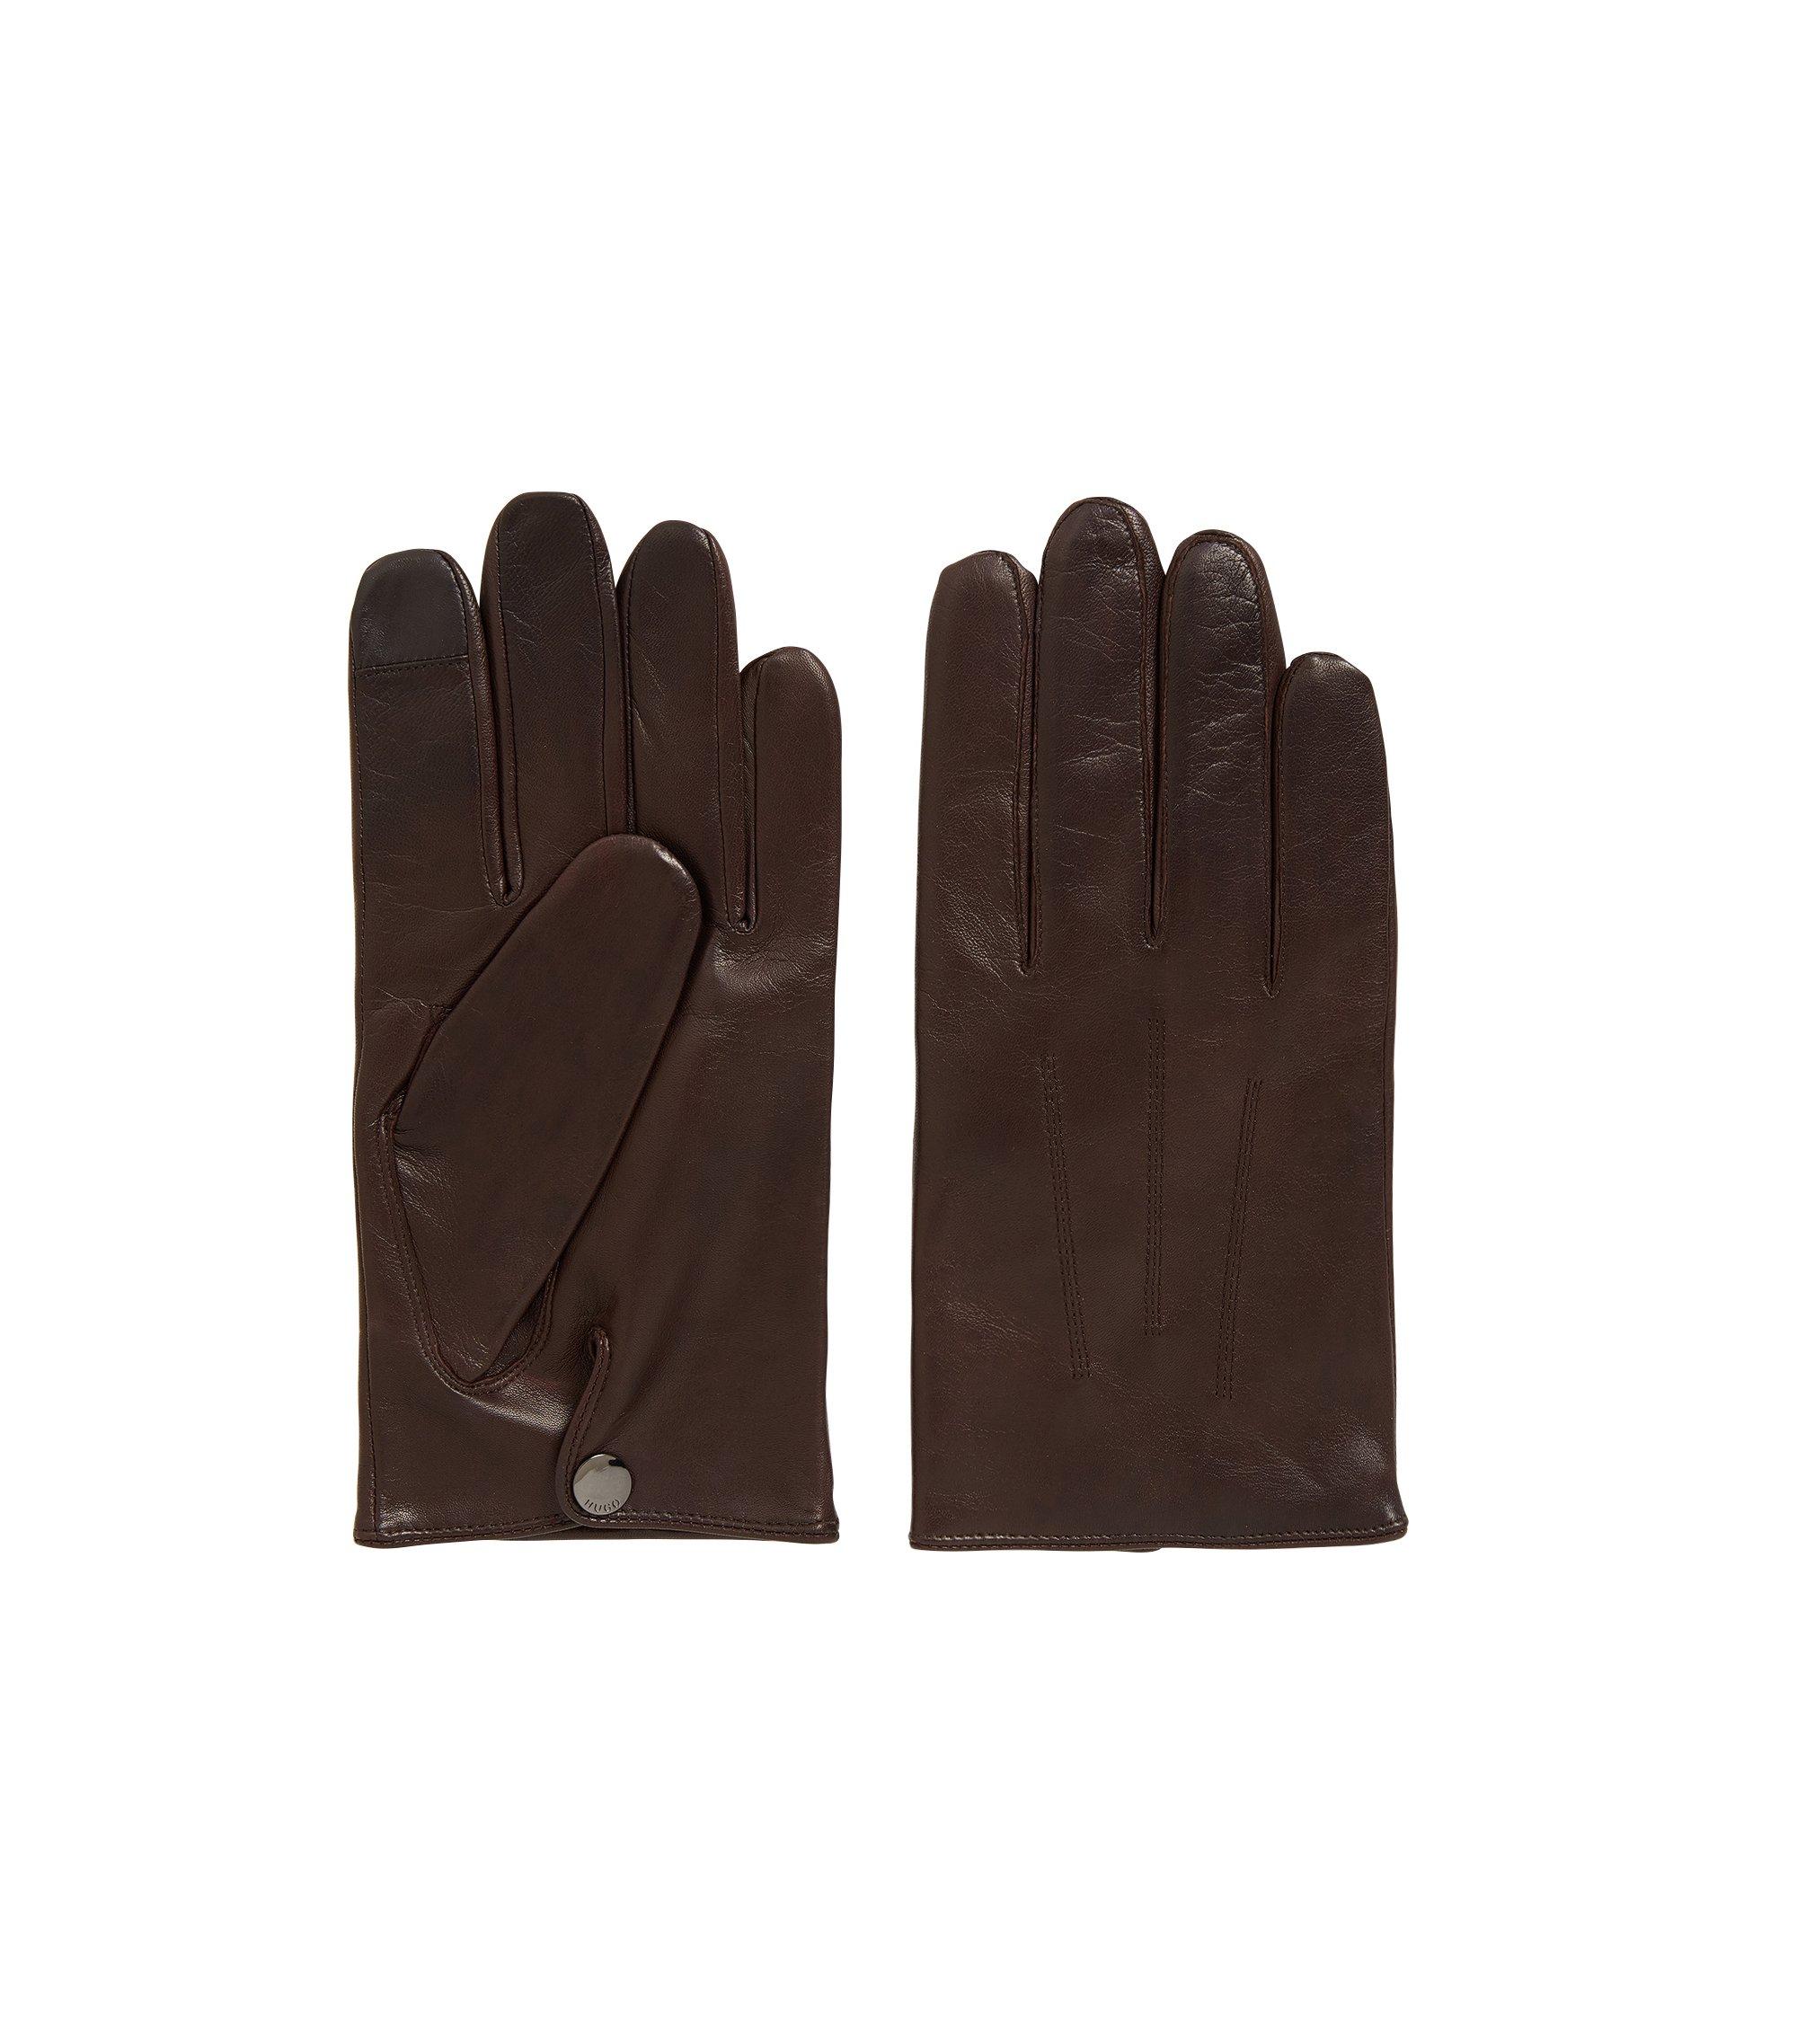 Gants pour écran tactile en cuir nappa doublé de cachemire, Marron foncé